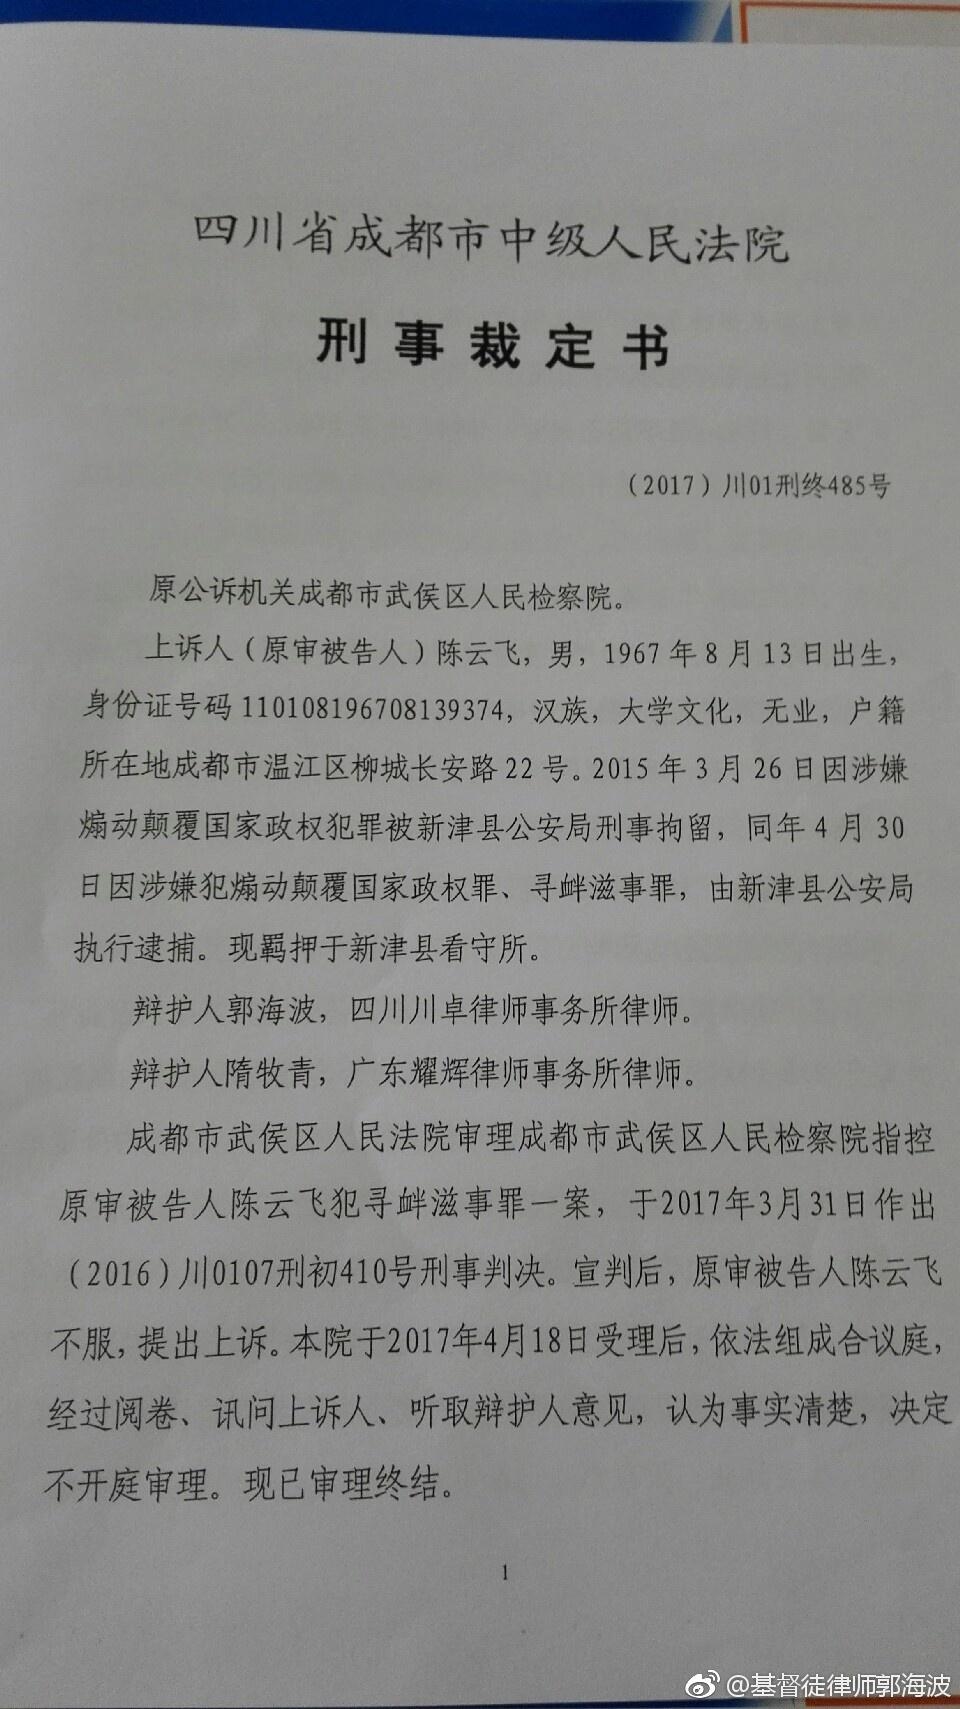 郭海波:陈云飞案二审不开庭裁定书